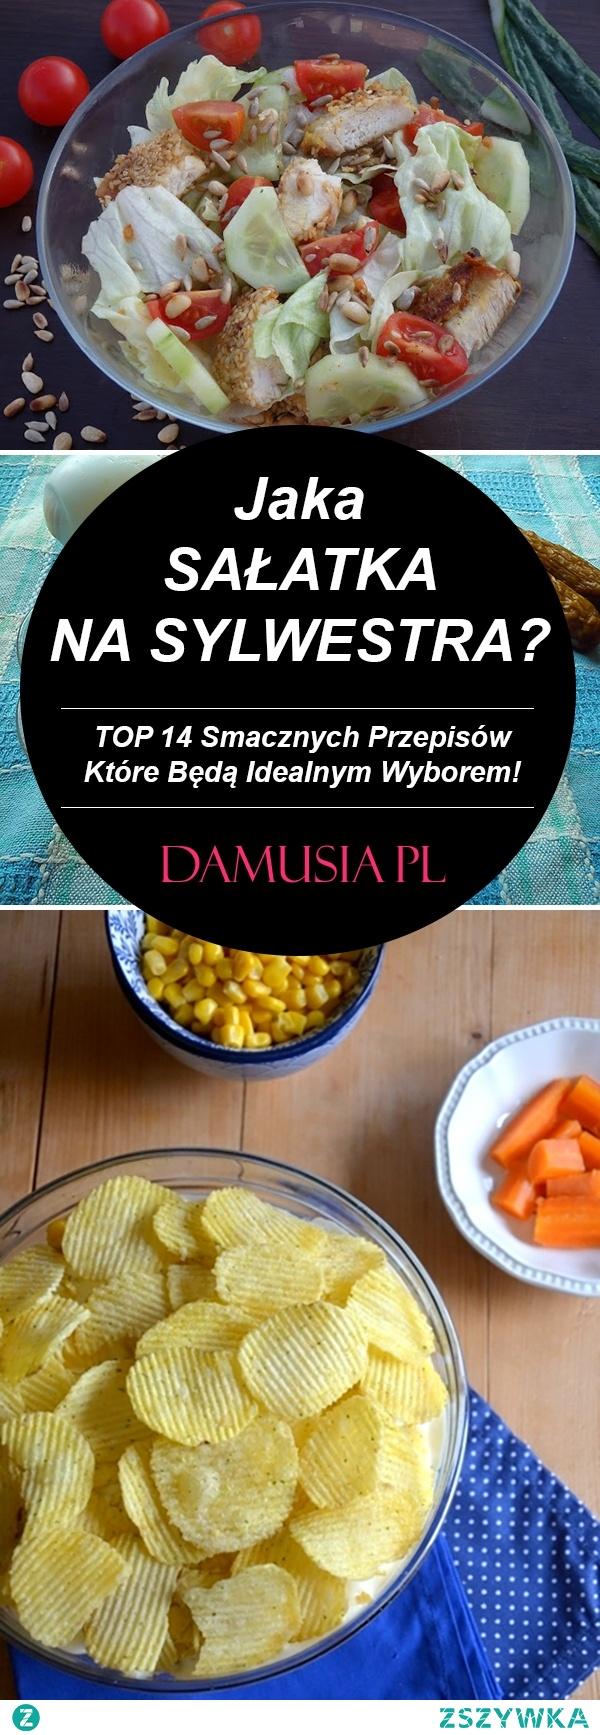 Jaka Sałatka na Sylwestra? – TOP 14 Smacznych Przepisów na Sylwestrowe Sałatki